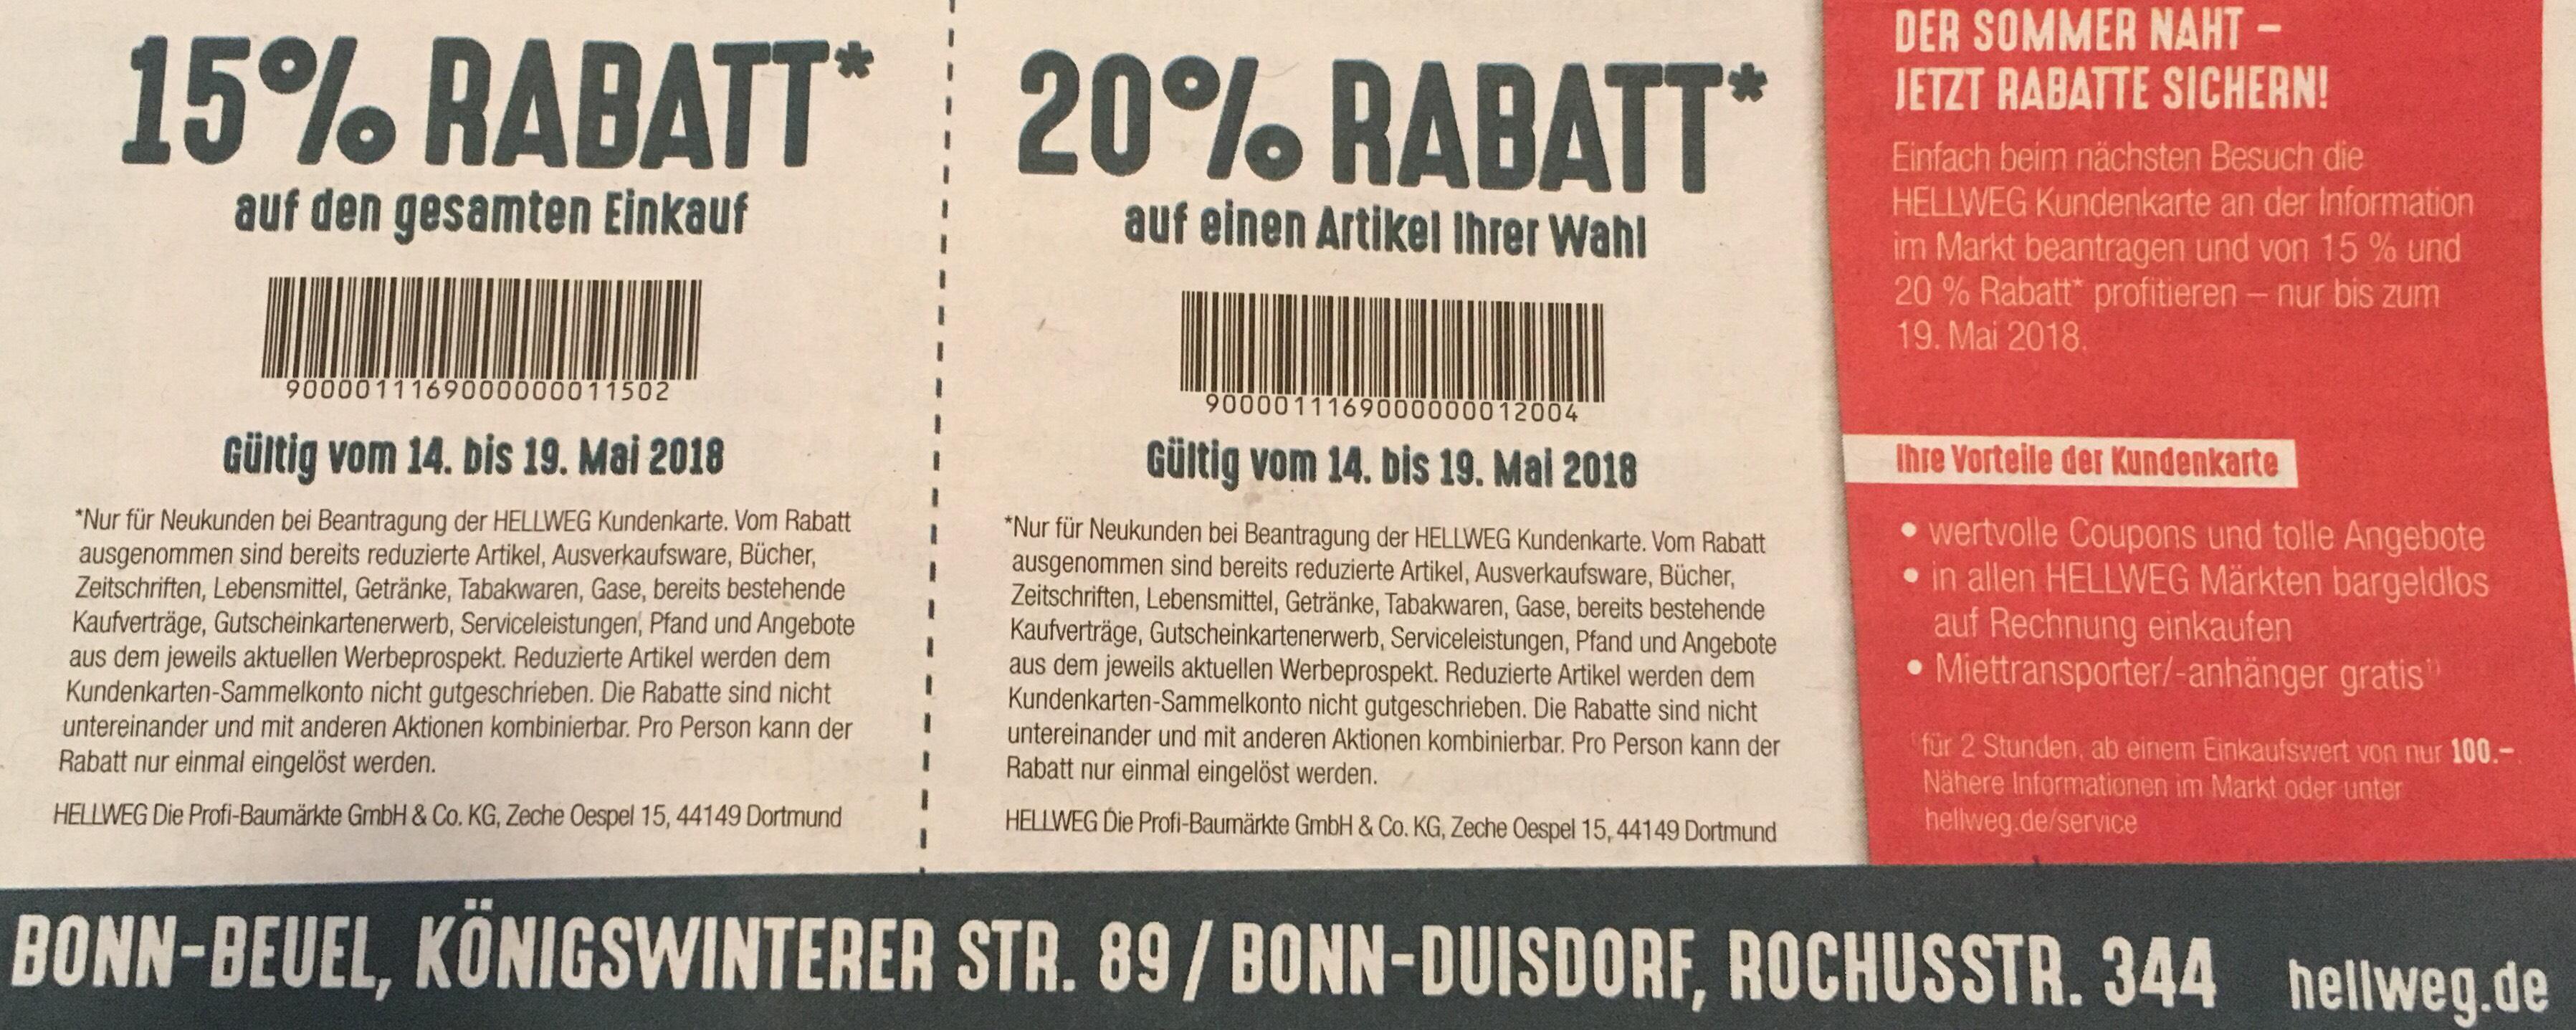 Bonn, Hellweg, 20% Rabatt auf einen Artikel und 15% auf den gesamten Einkauf bei Beantragung einer Kundenkarte nur noch heute am 19.05.2018